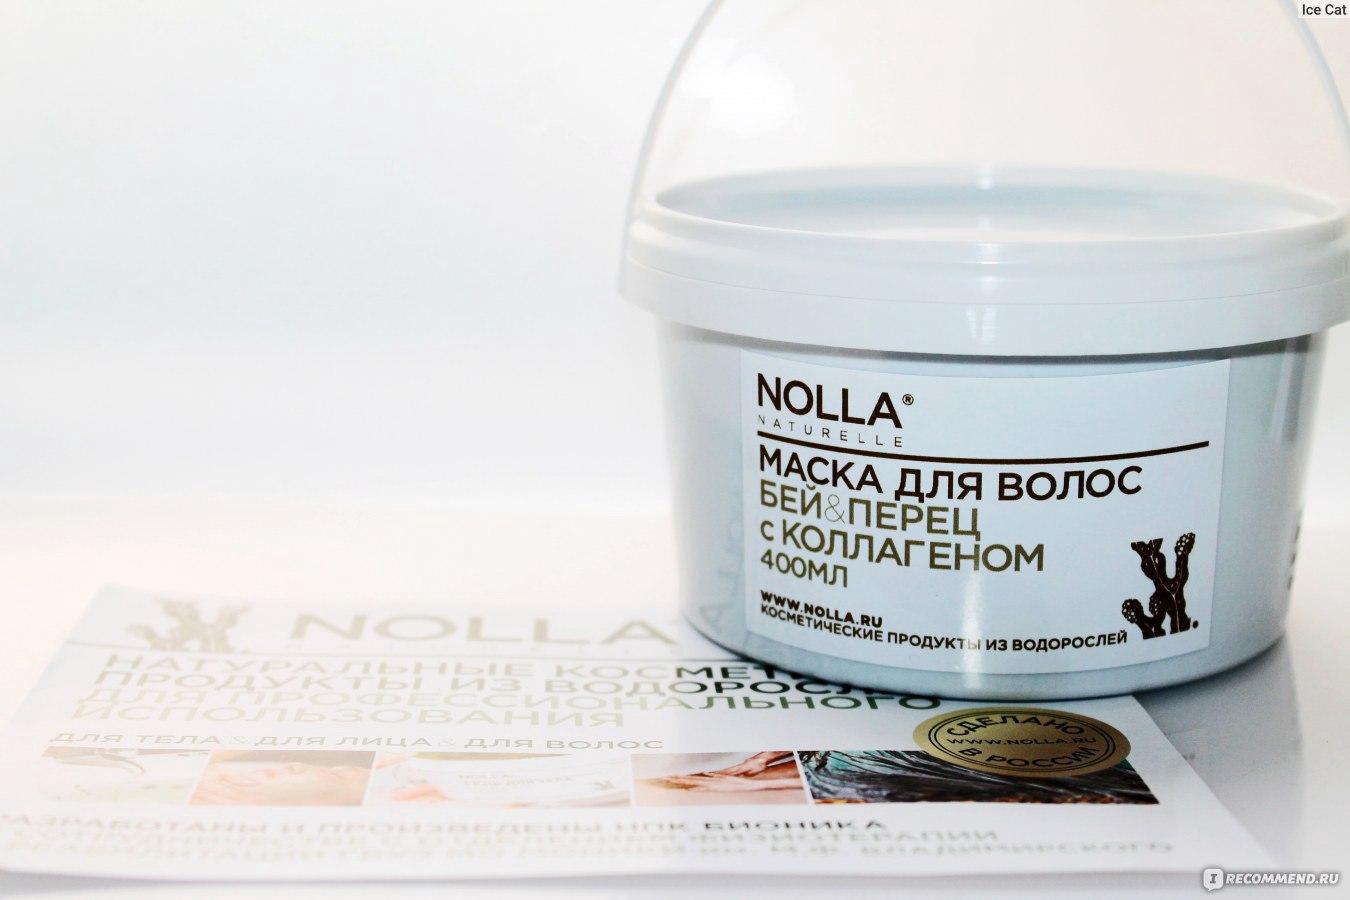 Маска для волос nolla naturelle купить